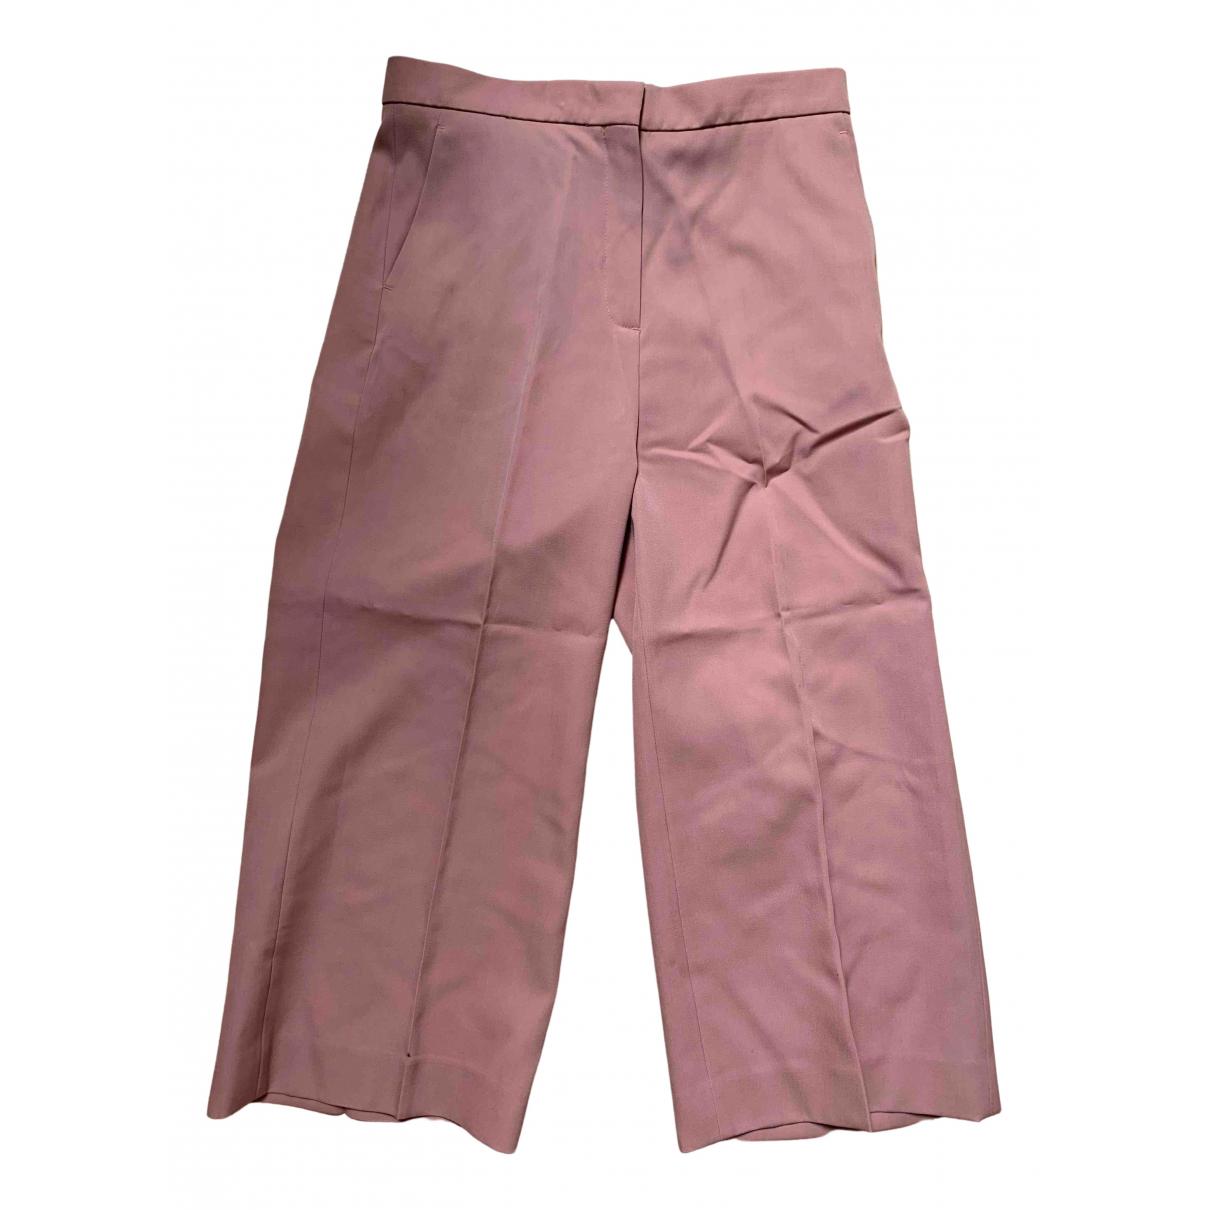 Pantalon recto de Lana Rochas